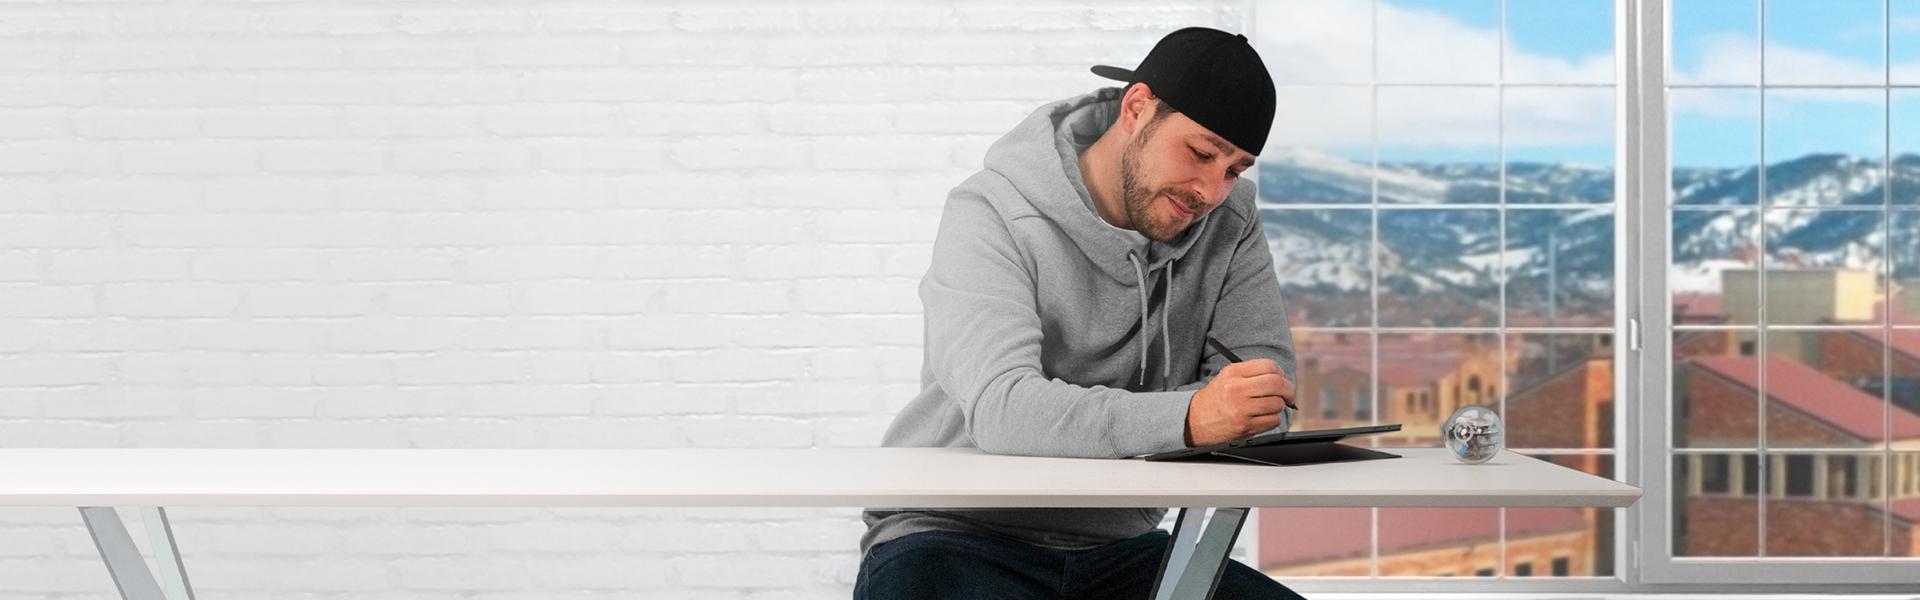 Người đàn ông đang mỉm cười và làm việc bằng Surface tại bàn làm việc.